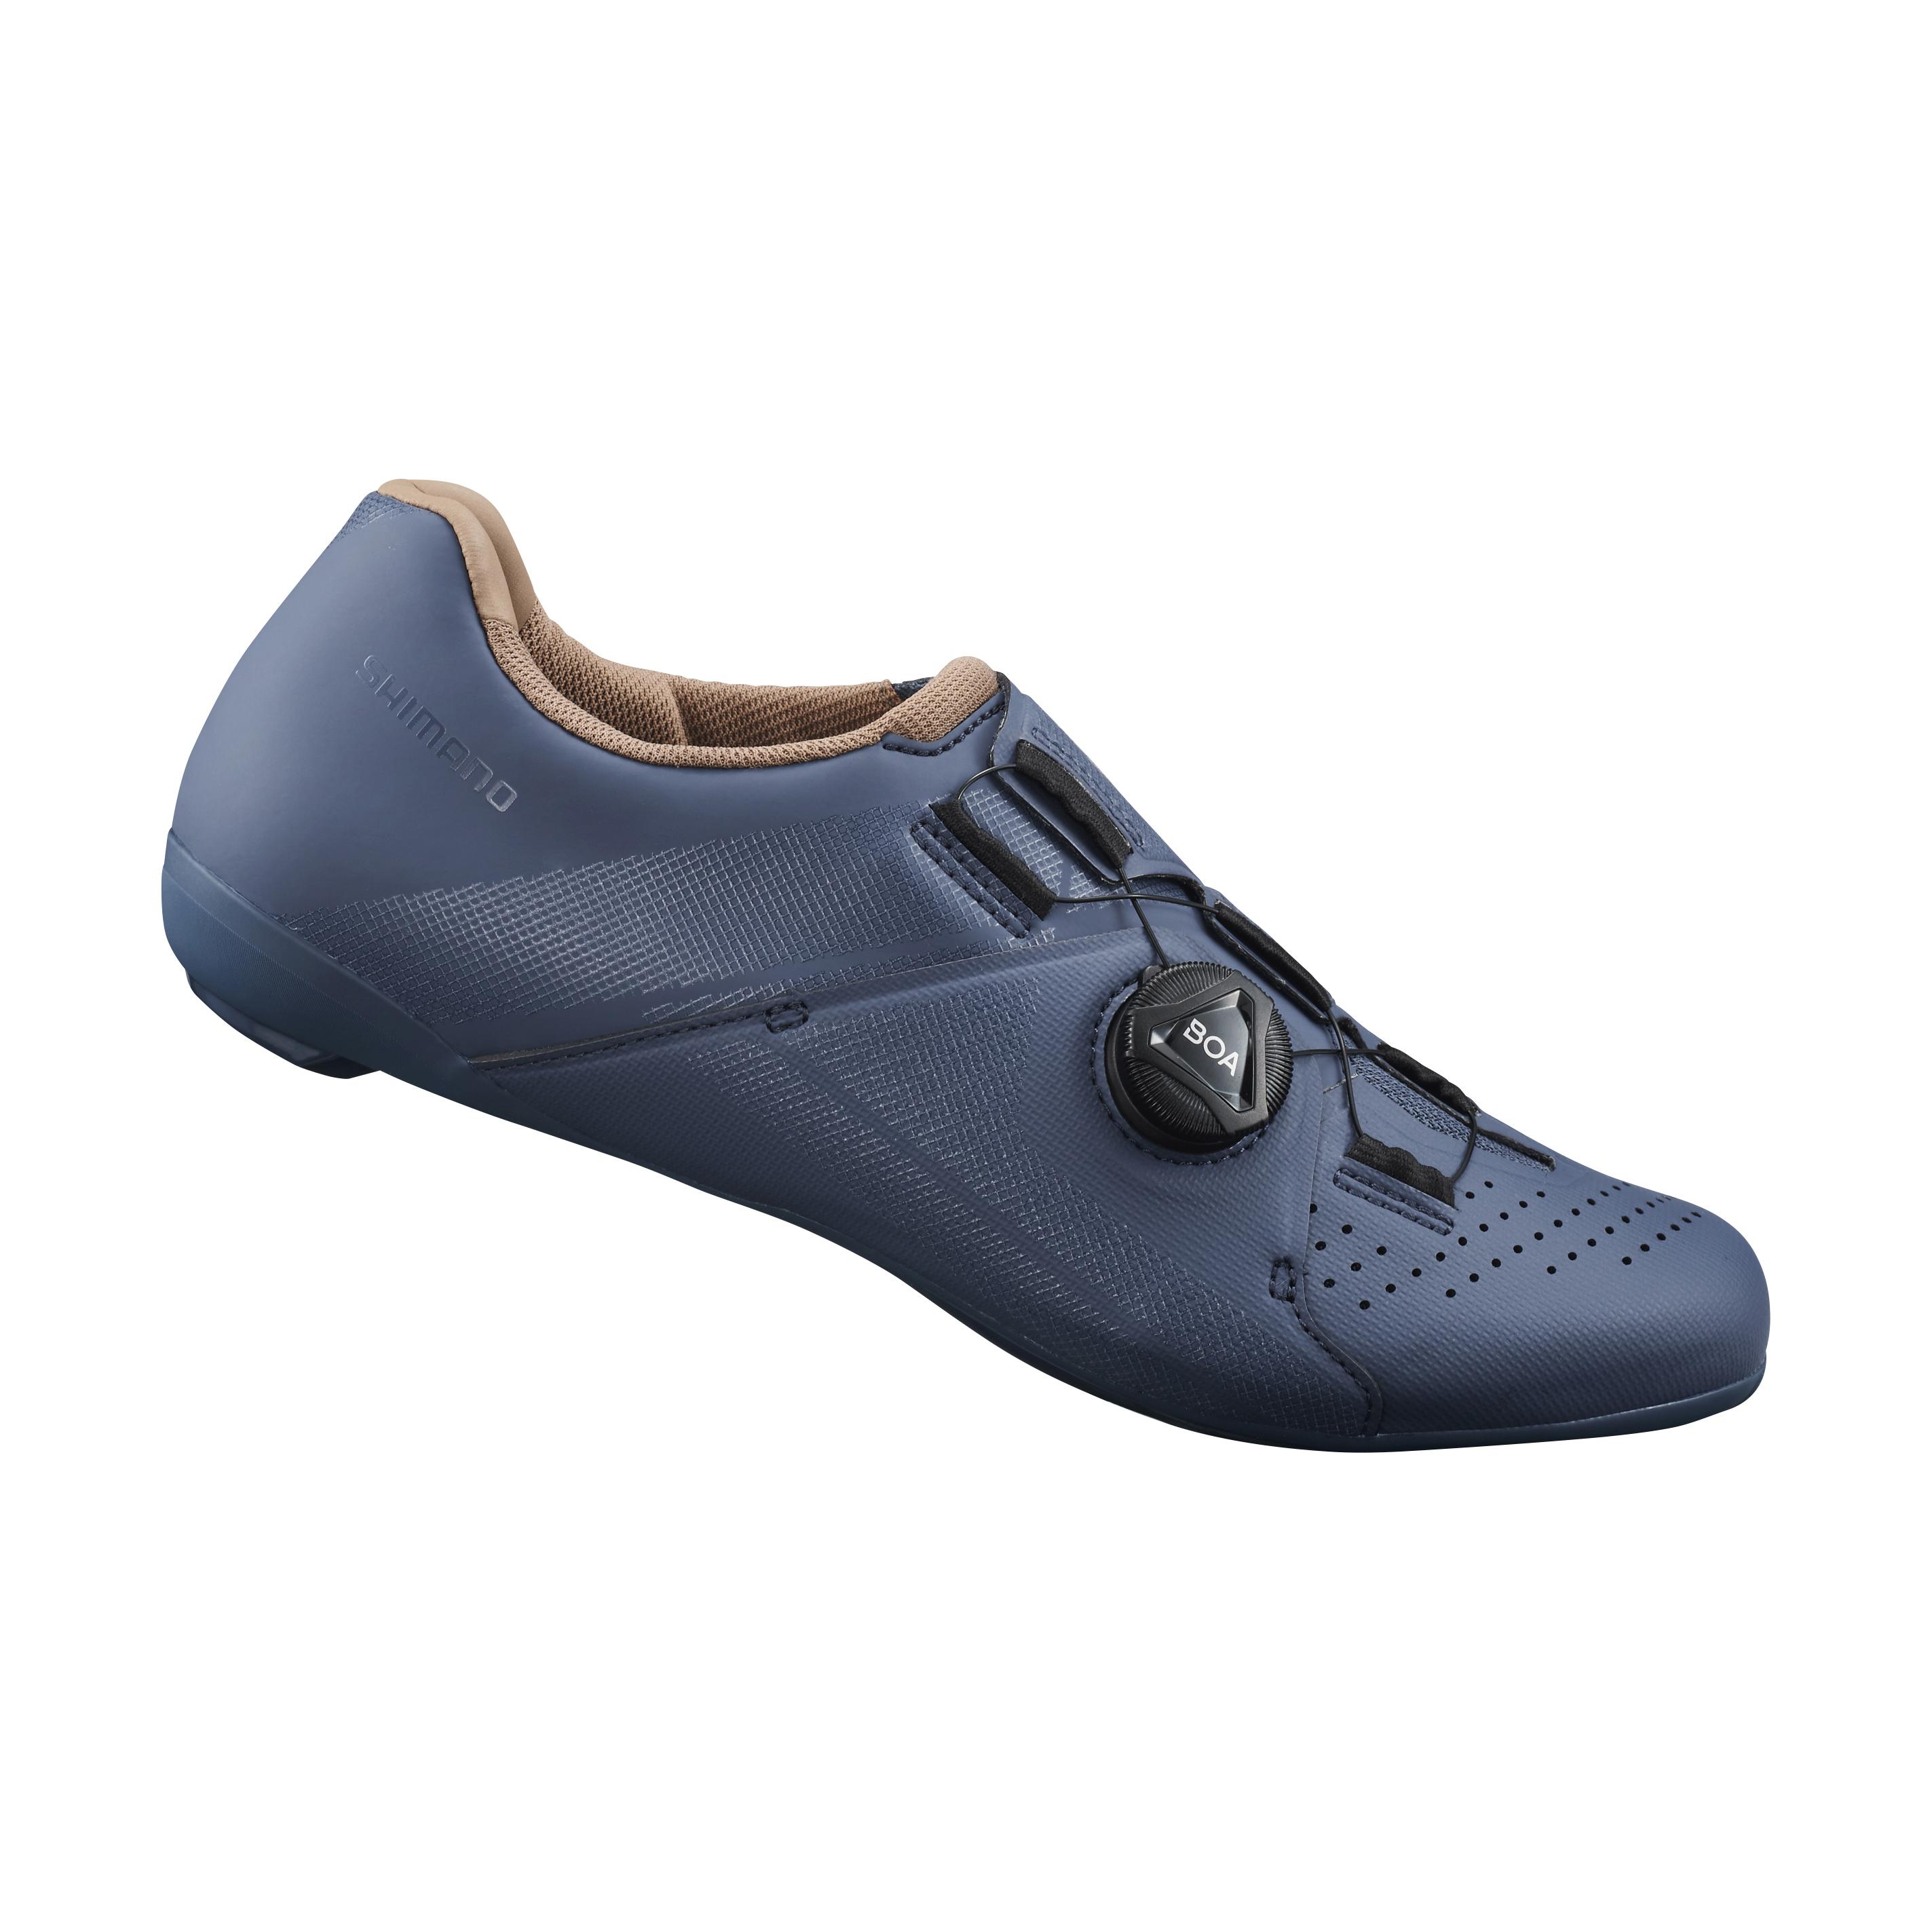 SHIMANO silniční obuv SH-RC300W, dámská, modrá indigo, 40